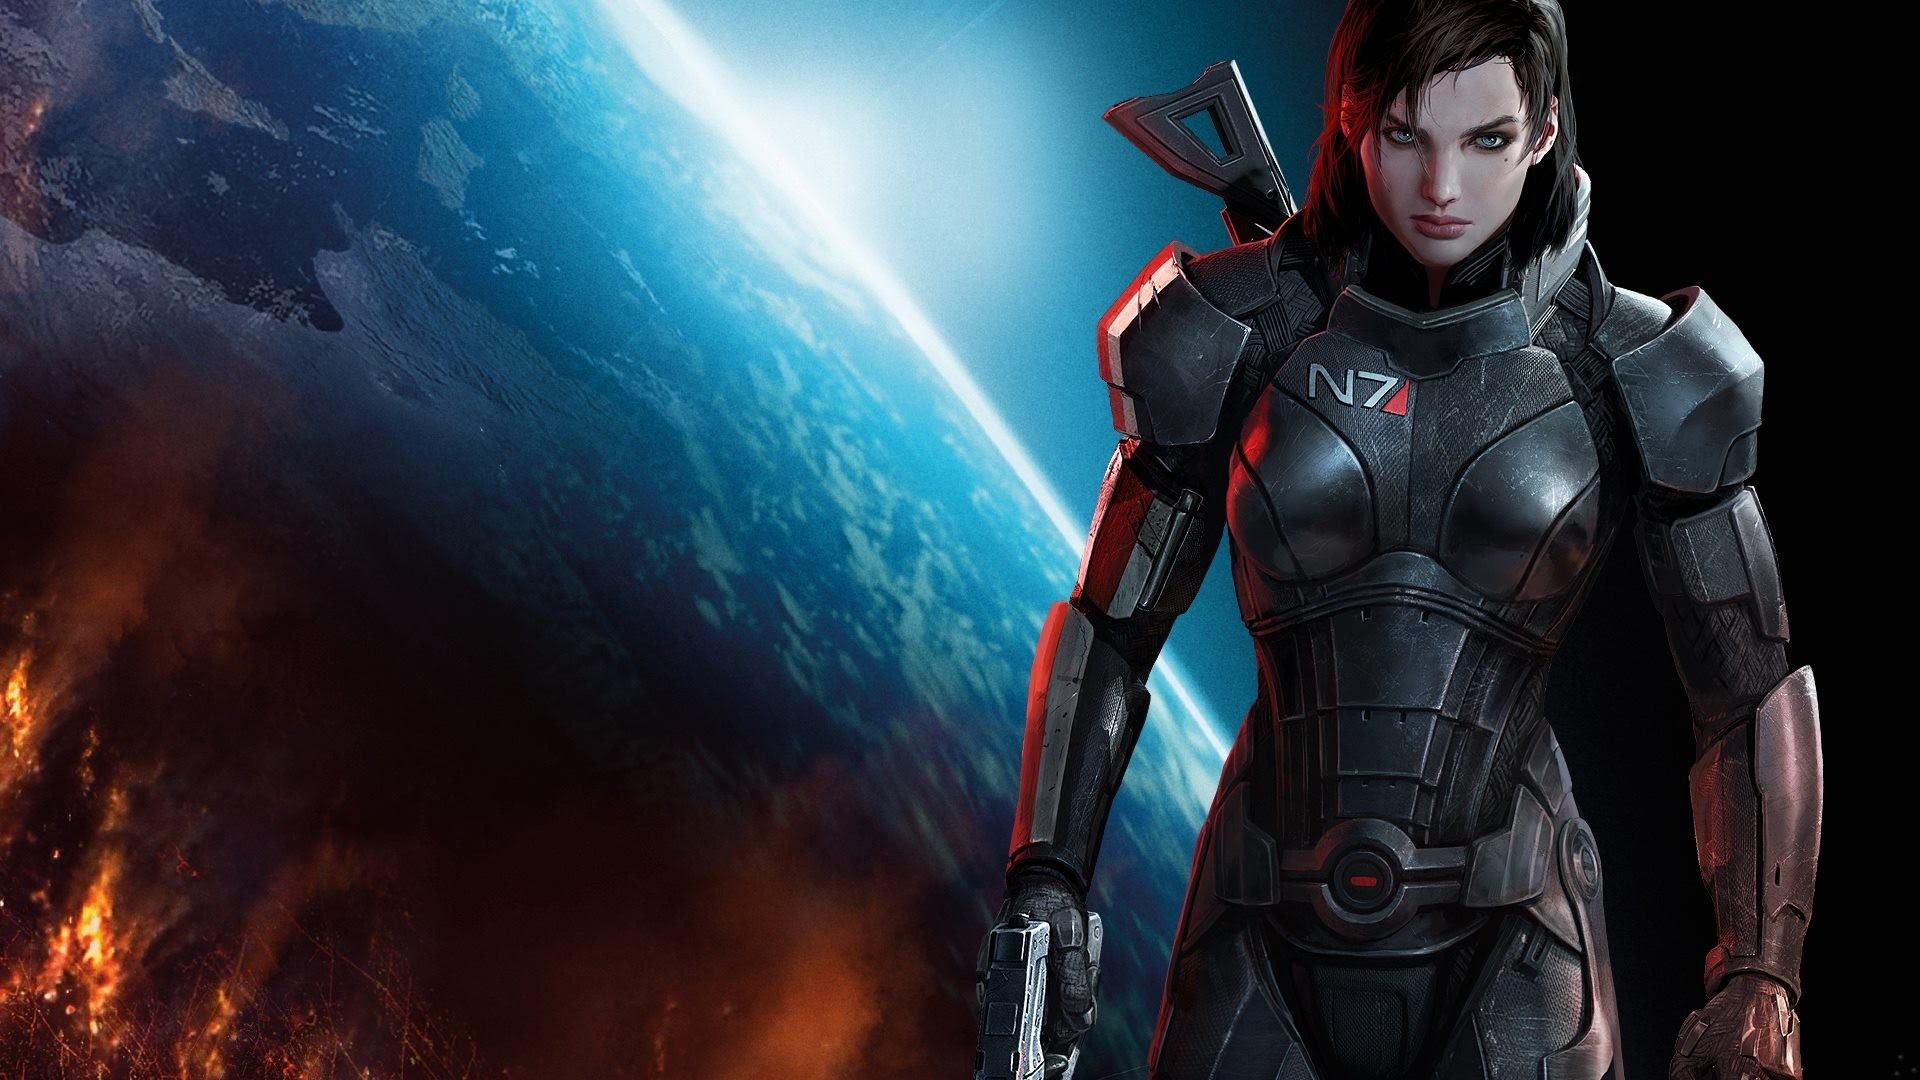 Mass Effect 3 Femshep Wallpaper 80 Images